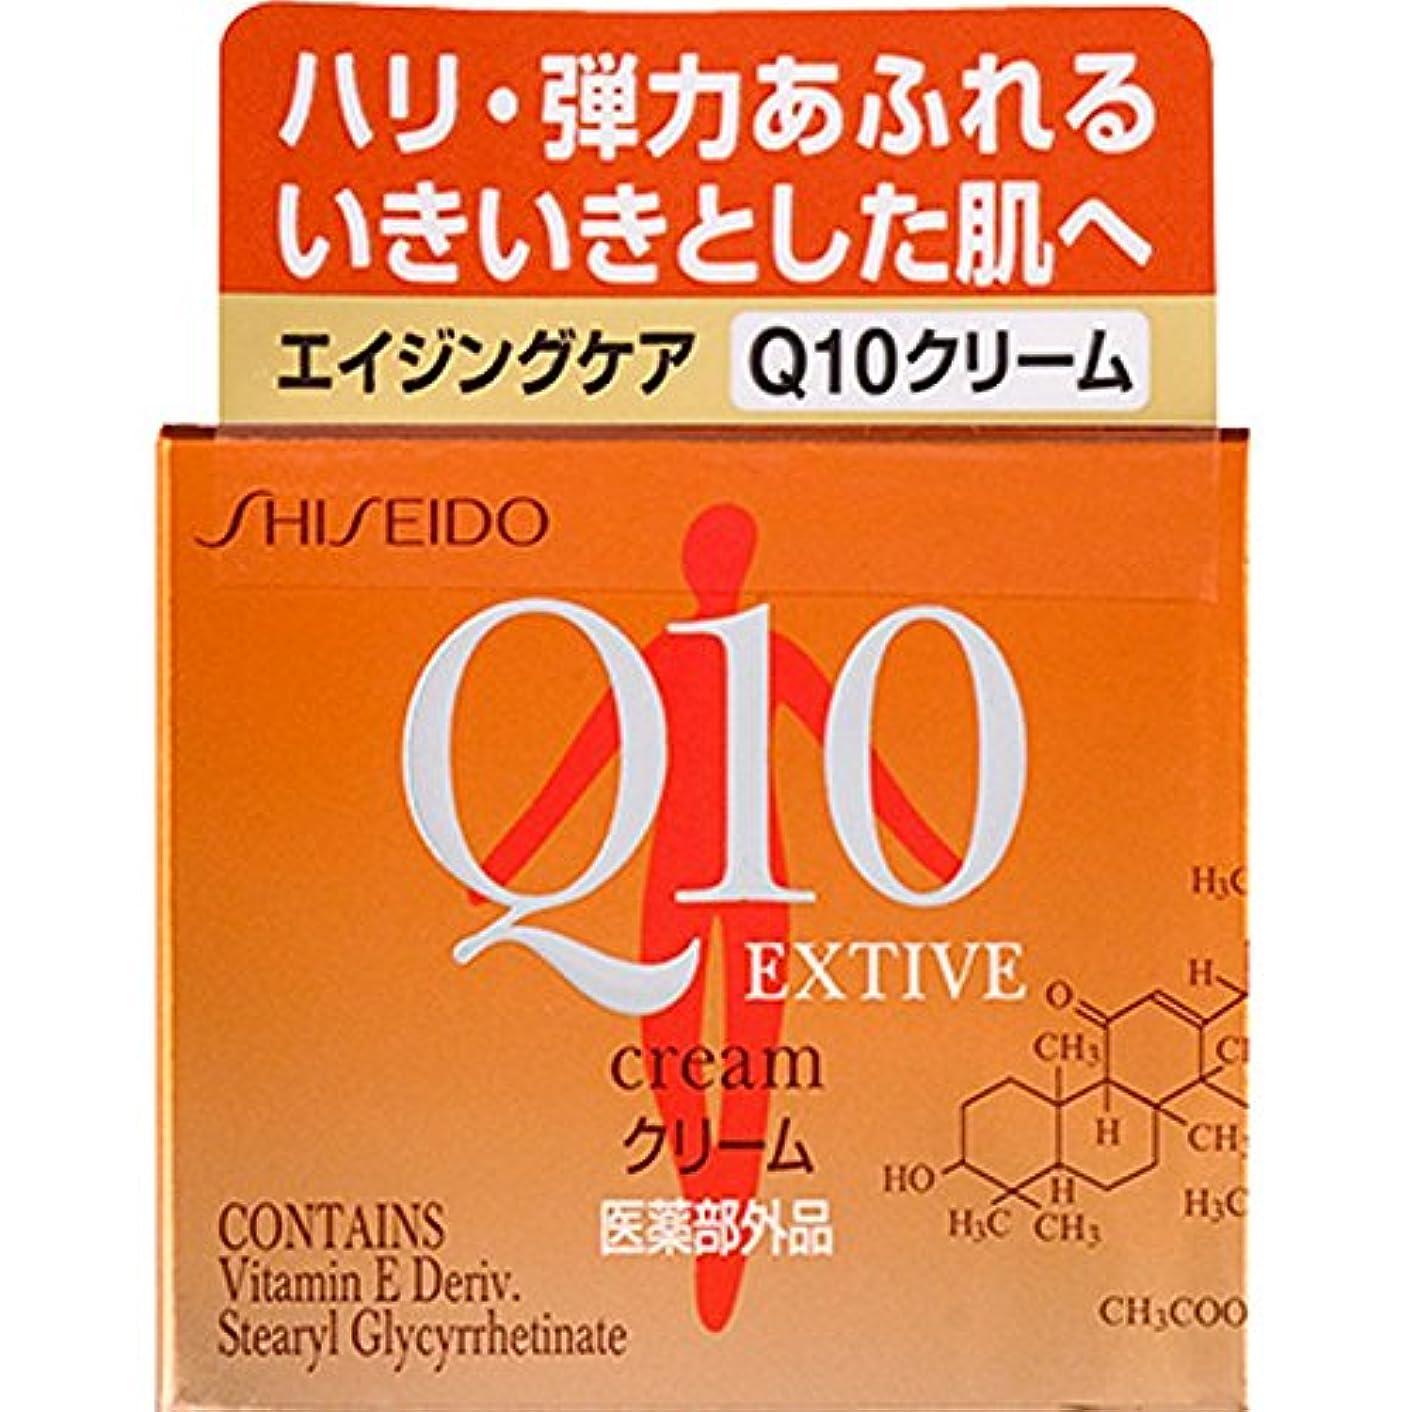 シロクマプレゼン関与する資生堂薬品 Q10 エクティブ クリームN 30g